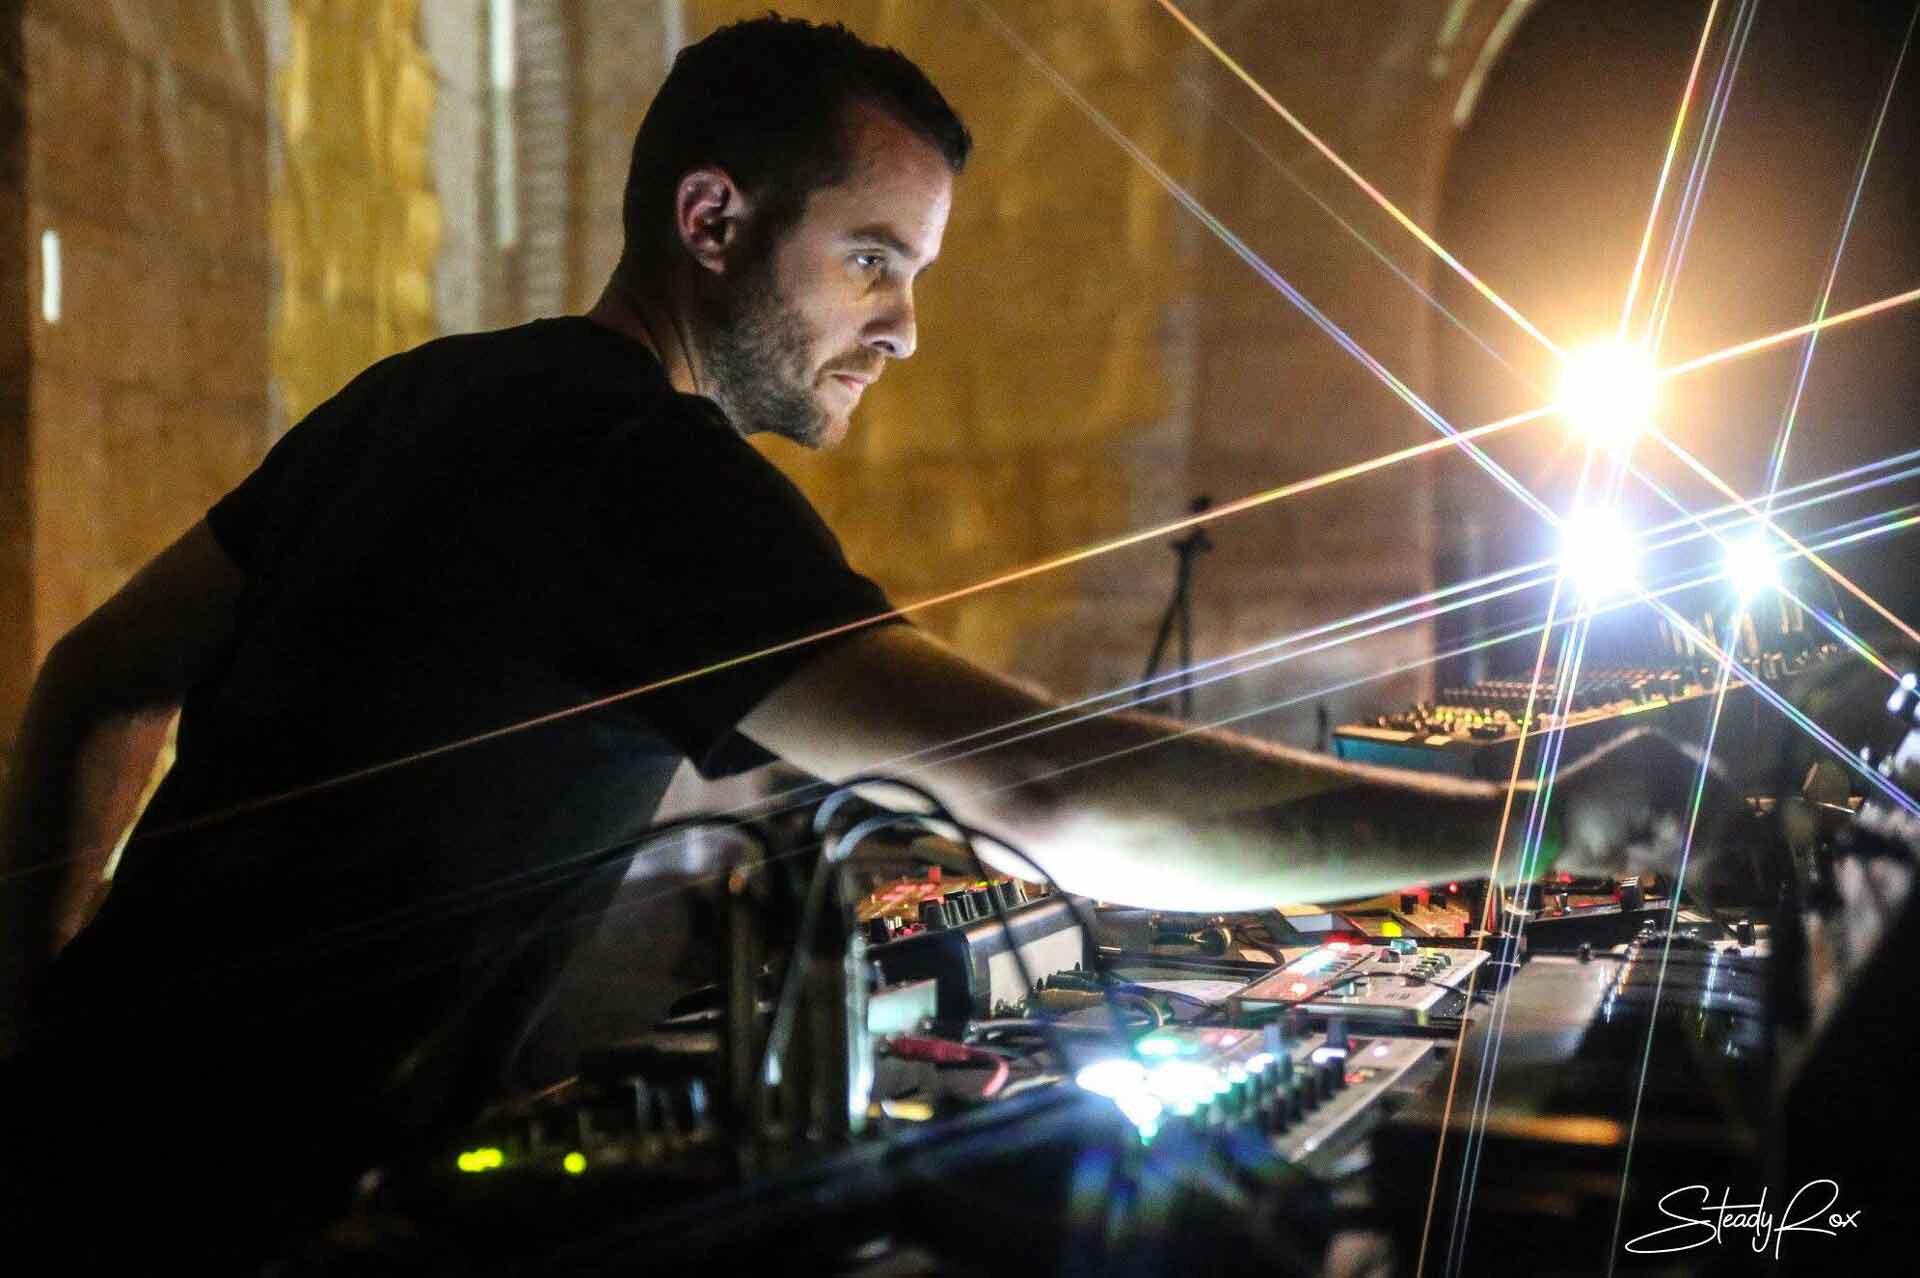 Le DJ de musique électro Alex Garcia qui se produit en live, et touche à divers boutons.